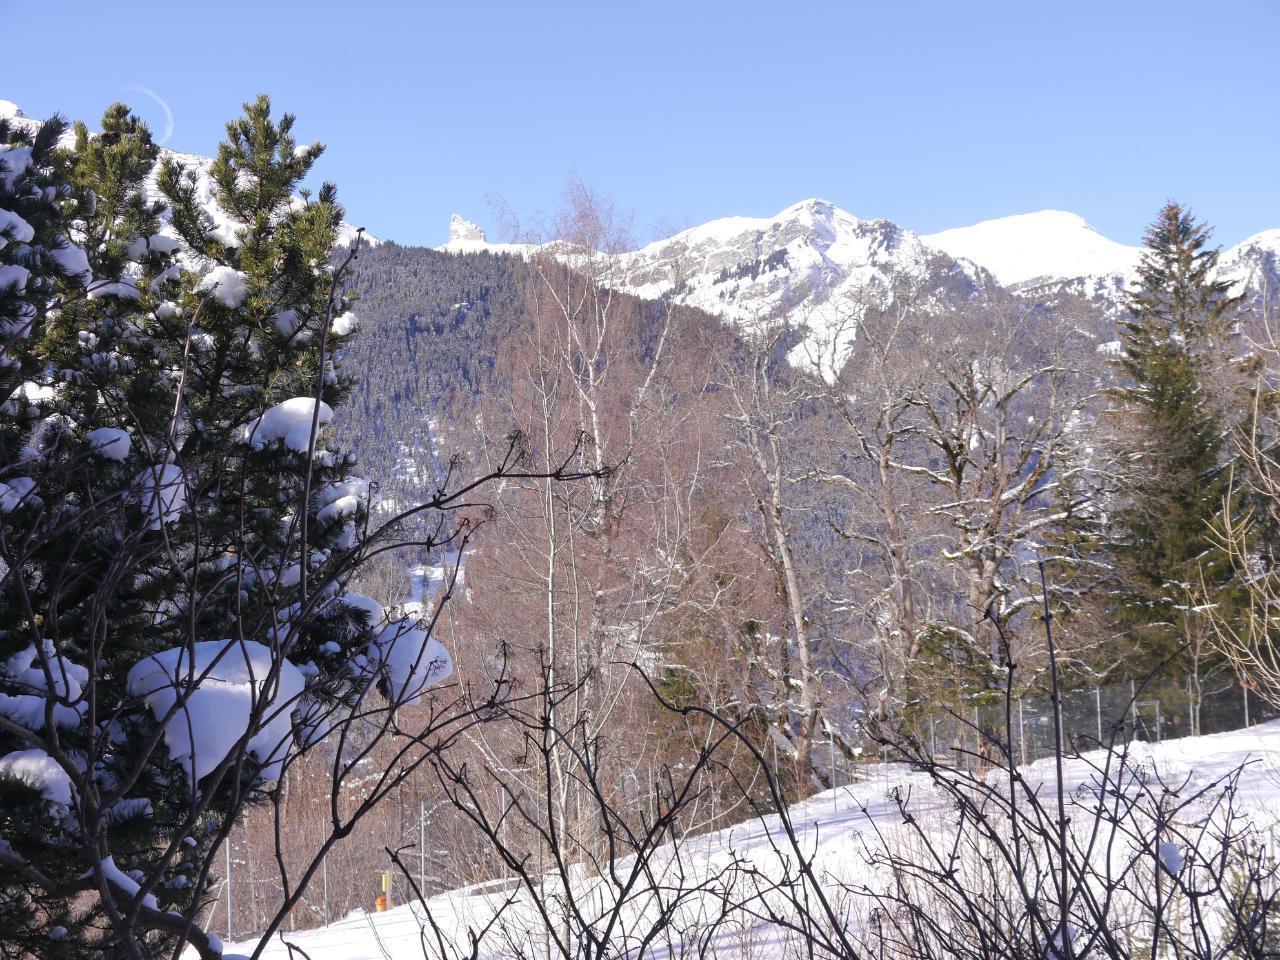 Appartement de vacances Birkli 2, 2 Bett Wohnung (2691724), Wengen, Région de la Jungfrau, Oberland bernois, Suisse, image 20